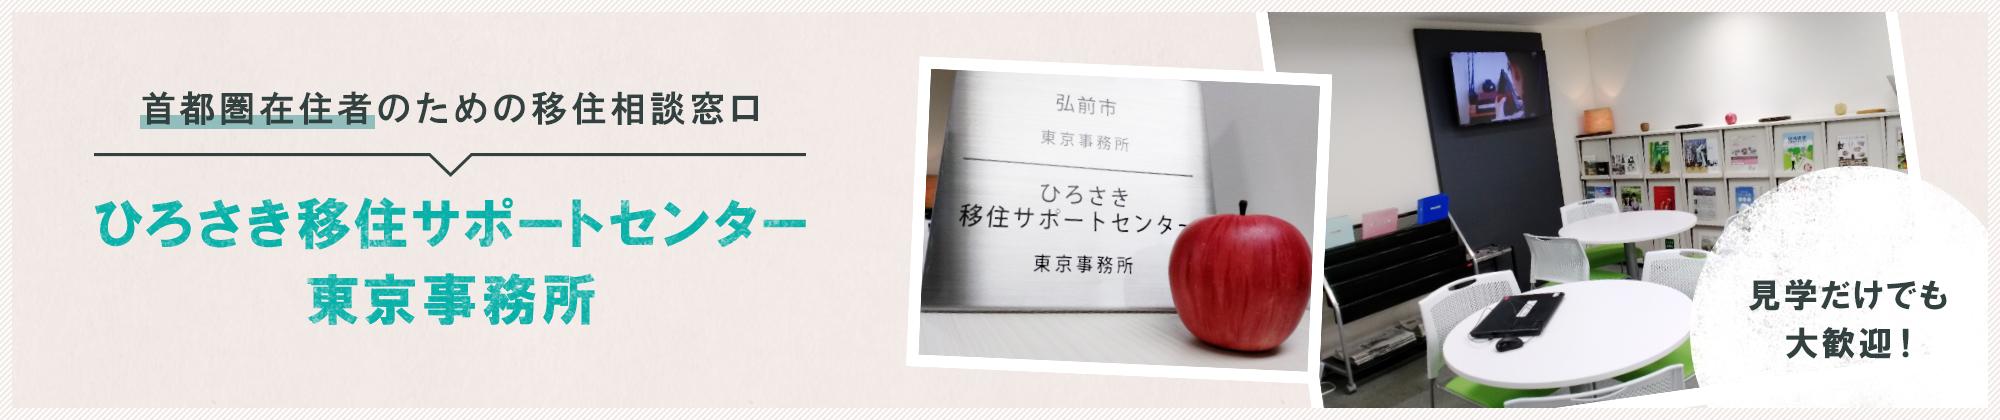 ひろさき移住サポートセンター東京事務所